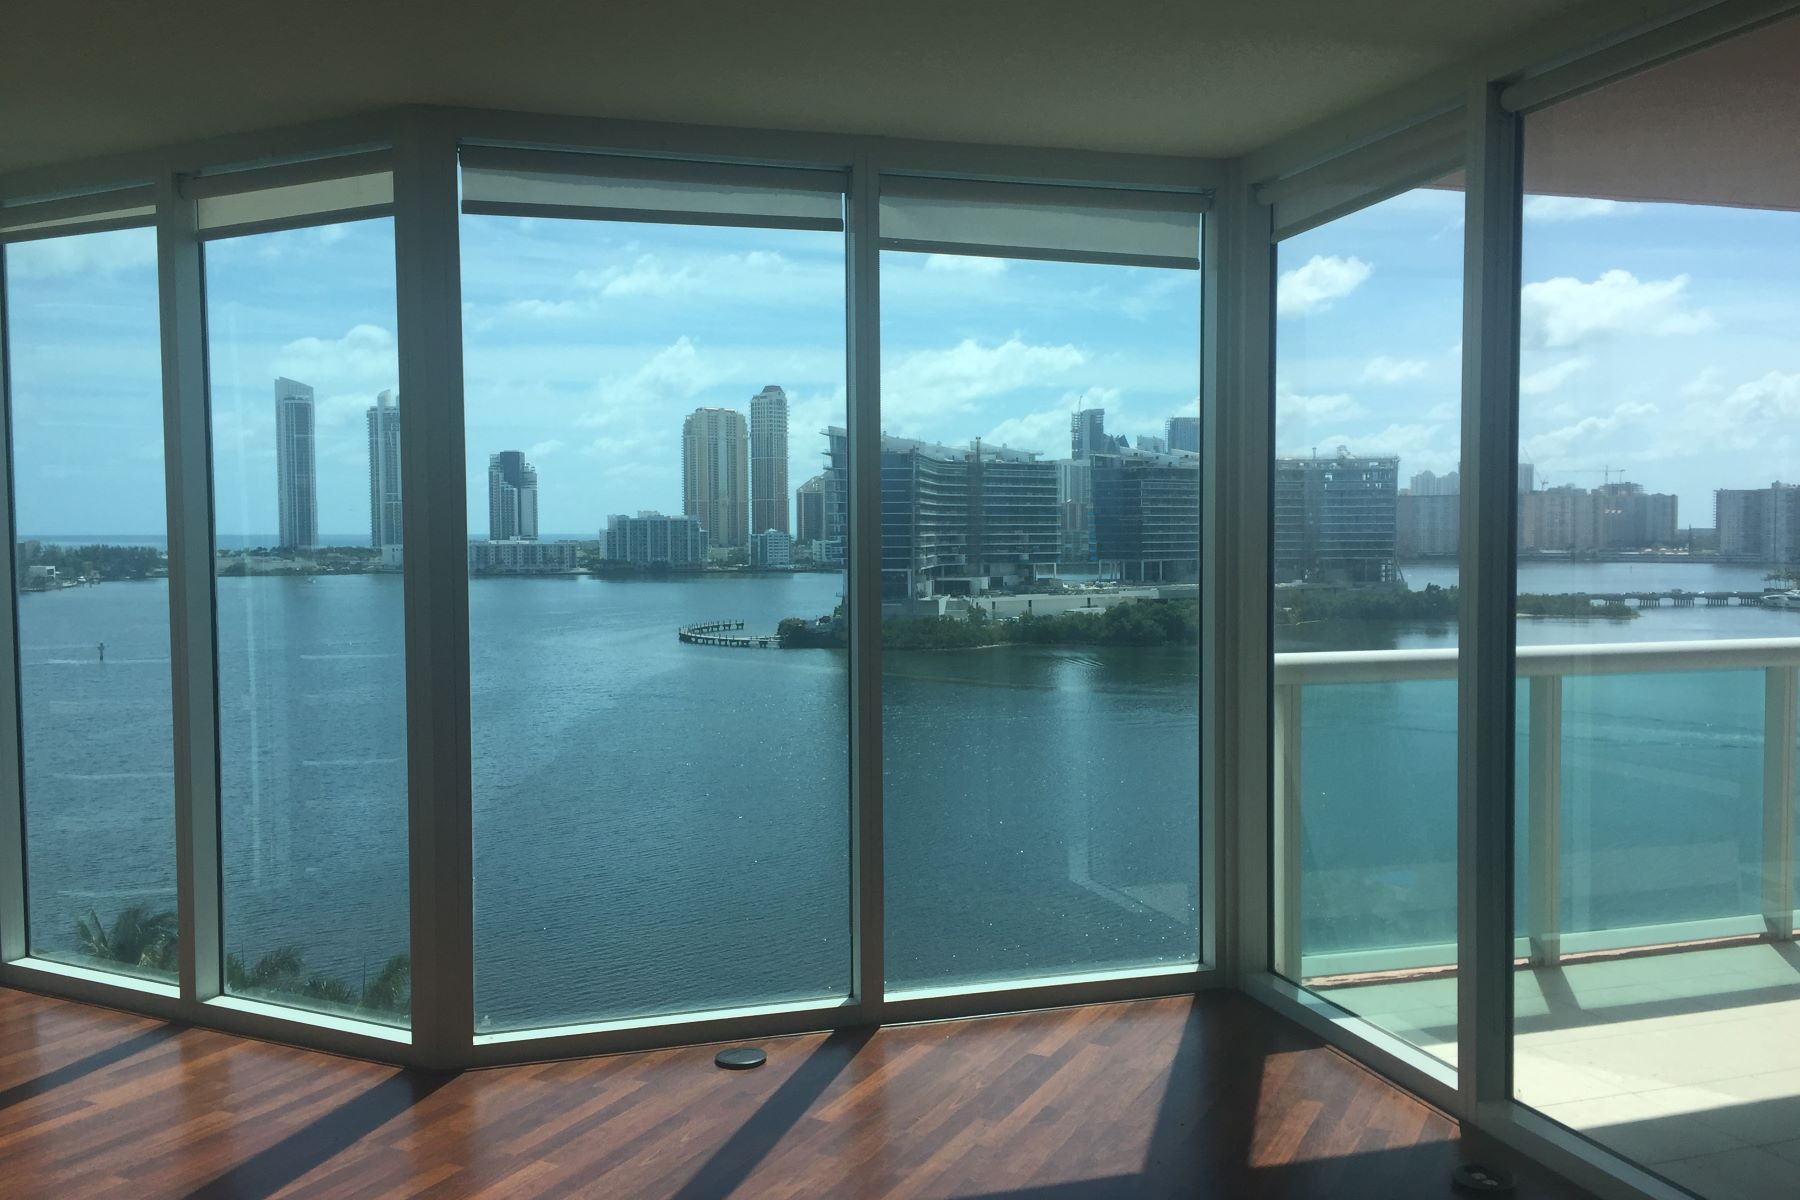 Condominium for Rent at 3370 Ne 190 St #1113 3370 Ne 190 St 1113 Aventura, Florida 33180 United States